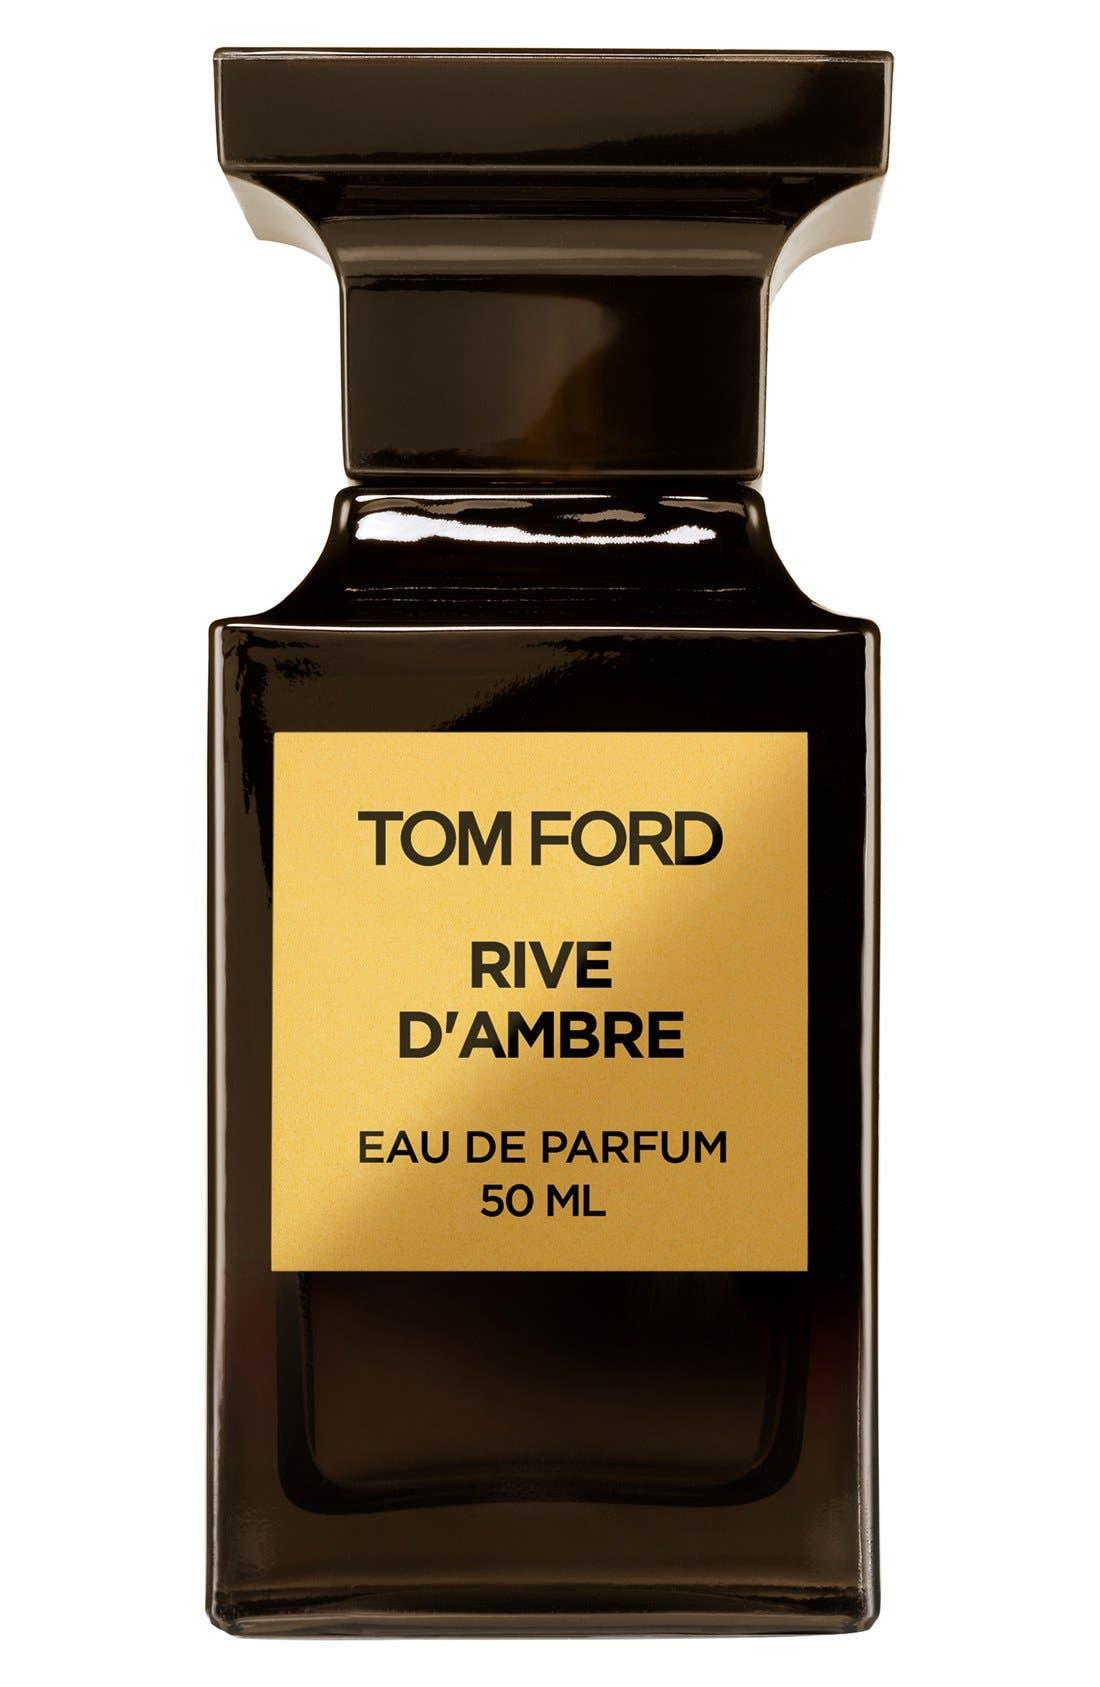 Tom Ford Private Blend Rive d'Ambre Eau de Parfum